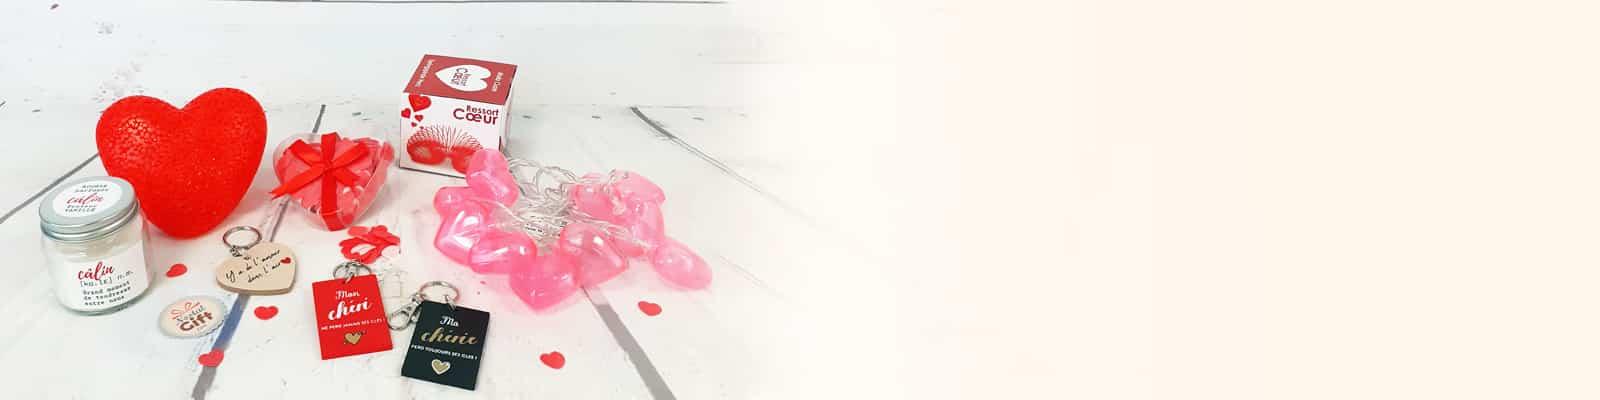 Une ambiance romantique fait aussi appel à une déco romantique. Pour ce 14 février, soyez sans crainte et mettez-y le paquet avec nos accessoires déco de Saint Valentin pas chers sélectionnées spécialement pour la Saint Valentin. Des ballons en forme de cœur, des jolies bougies et des mini lampes, tout y est pour vous permettre de créer votre décoration romantique et de passer un bon moment.